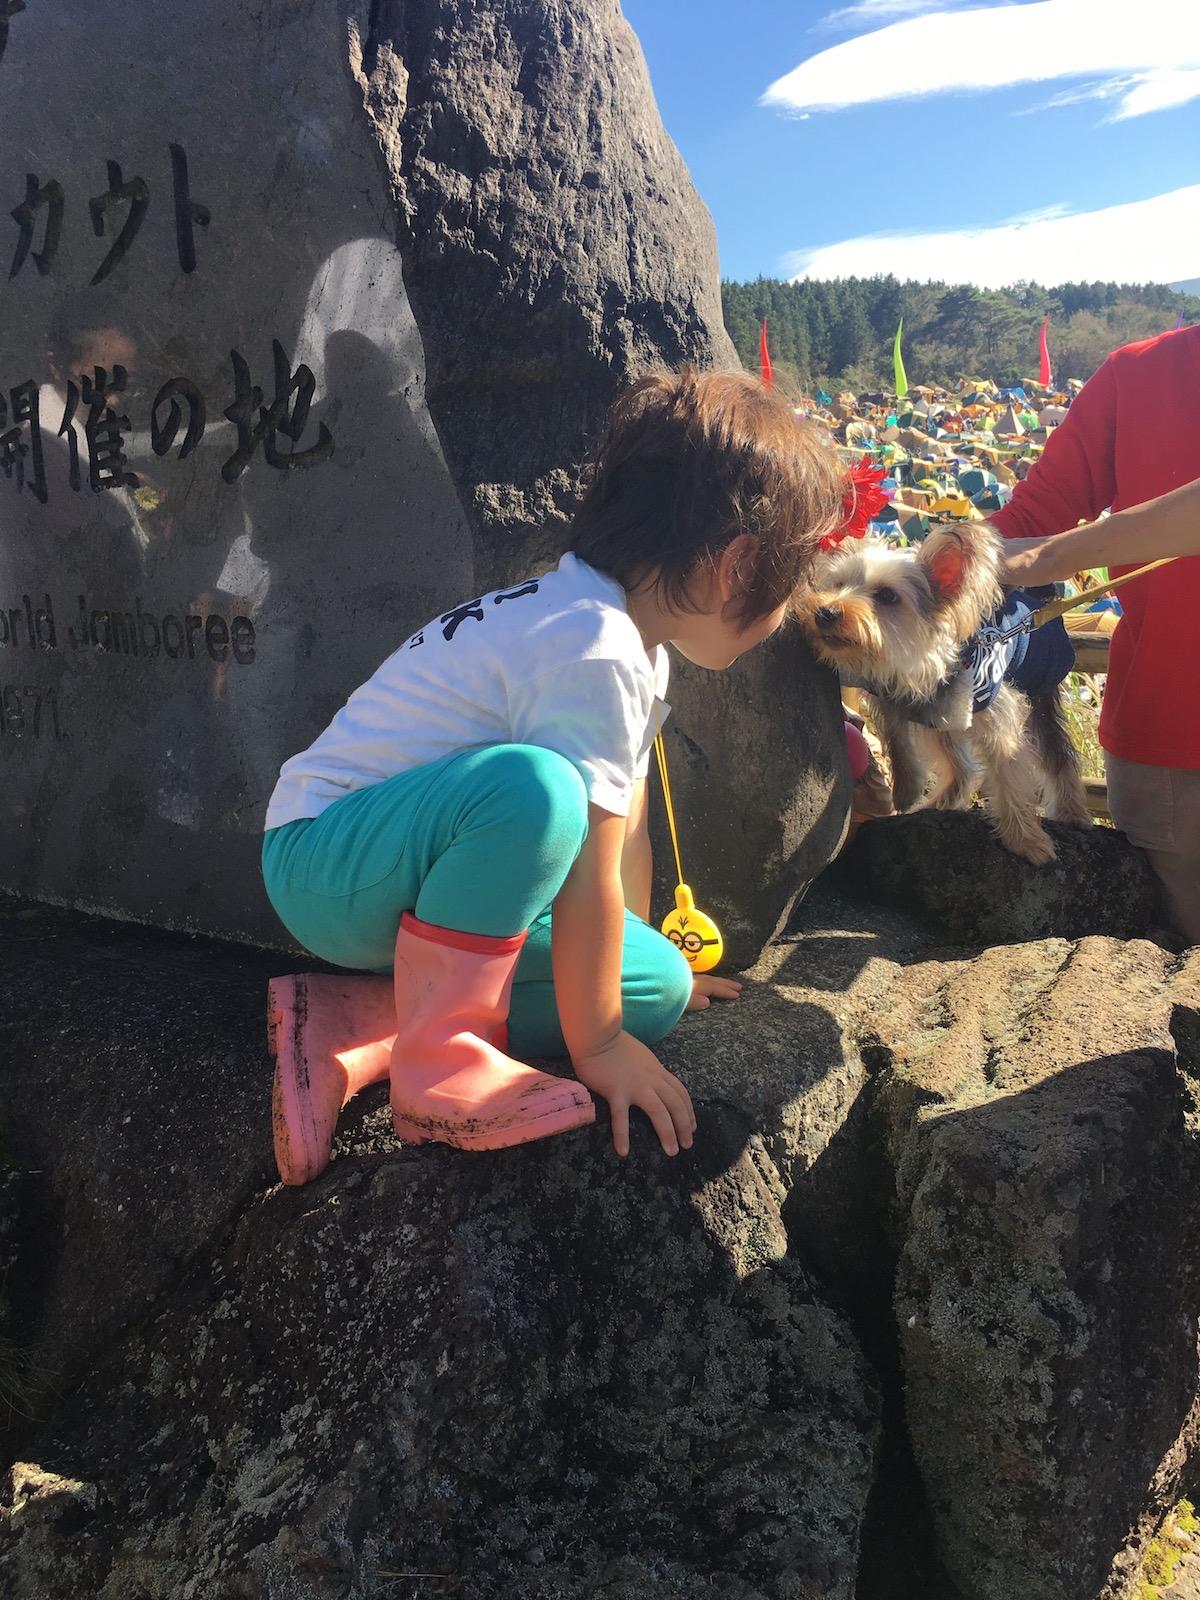 47 【こどもフジロック】朝霧Jam'18子連れフェス体験記〜3歳児とのキャンプ・イン・フェスの過ごし方〜